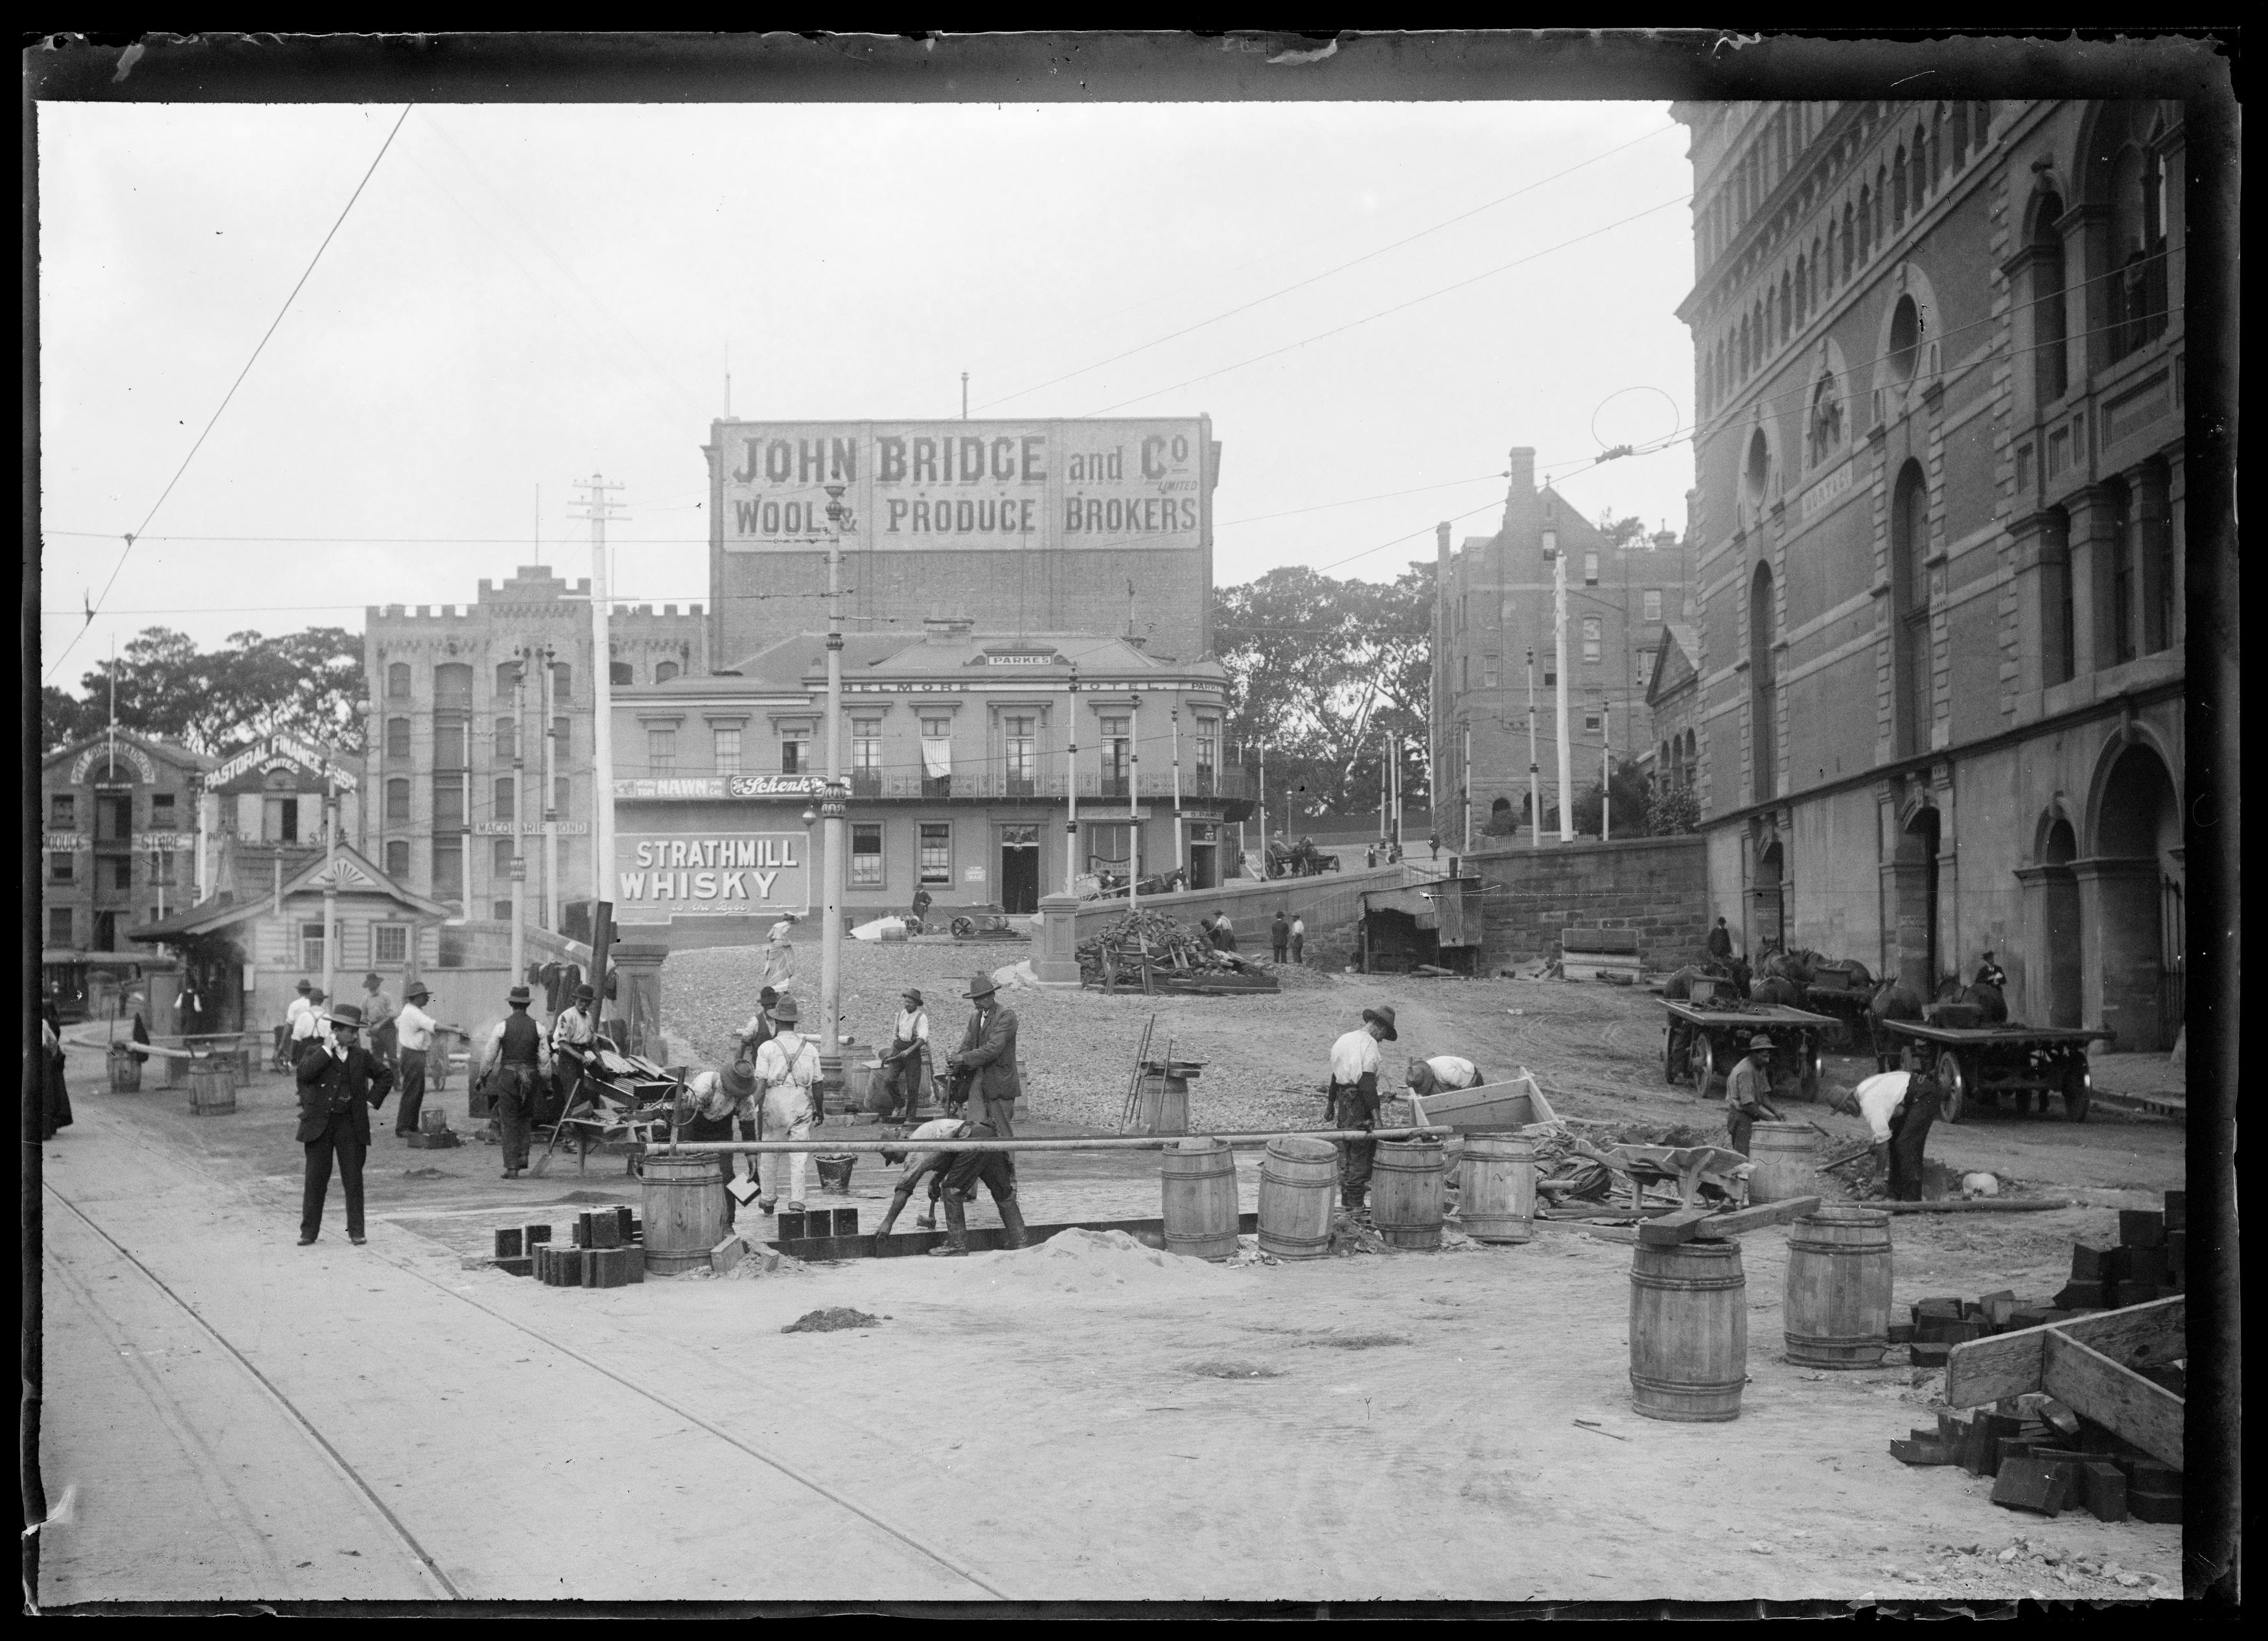 Box 24: Glass negatives including views of Sydney Harbour, Royal Botanic Gardens, and Circular Quay, Sydney, ca. 1890-1910.